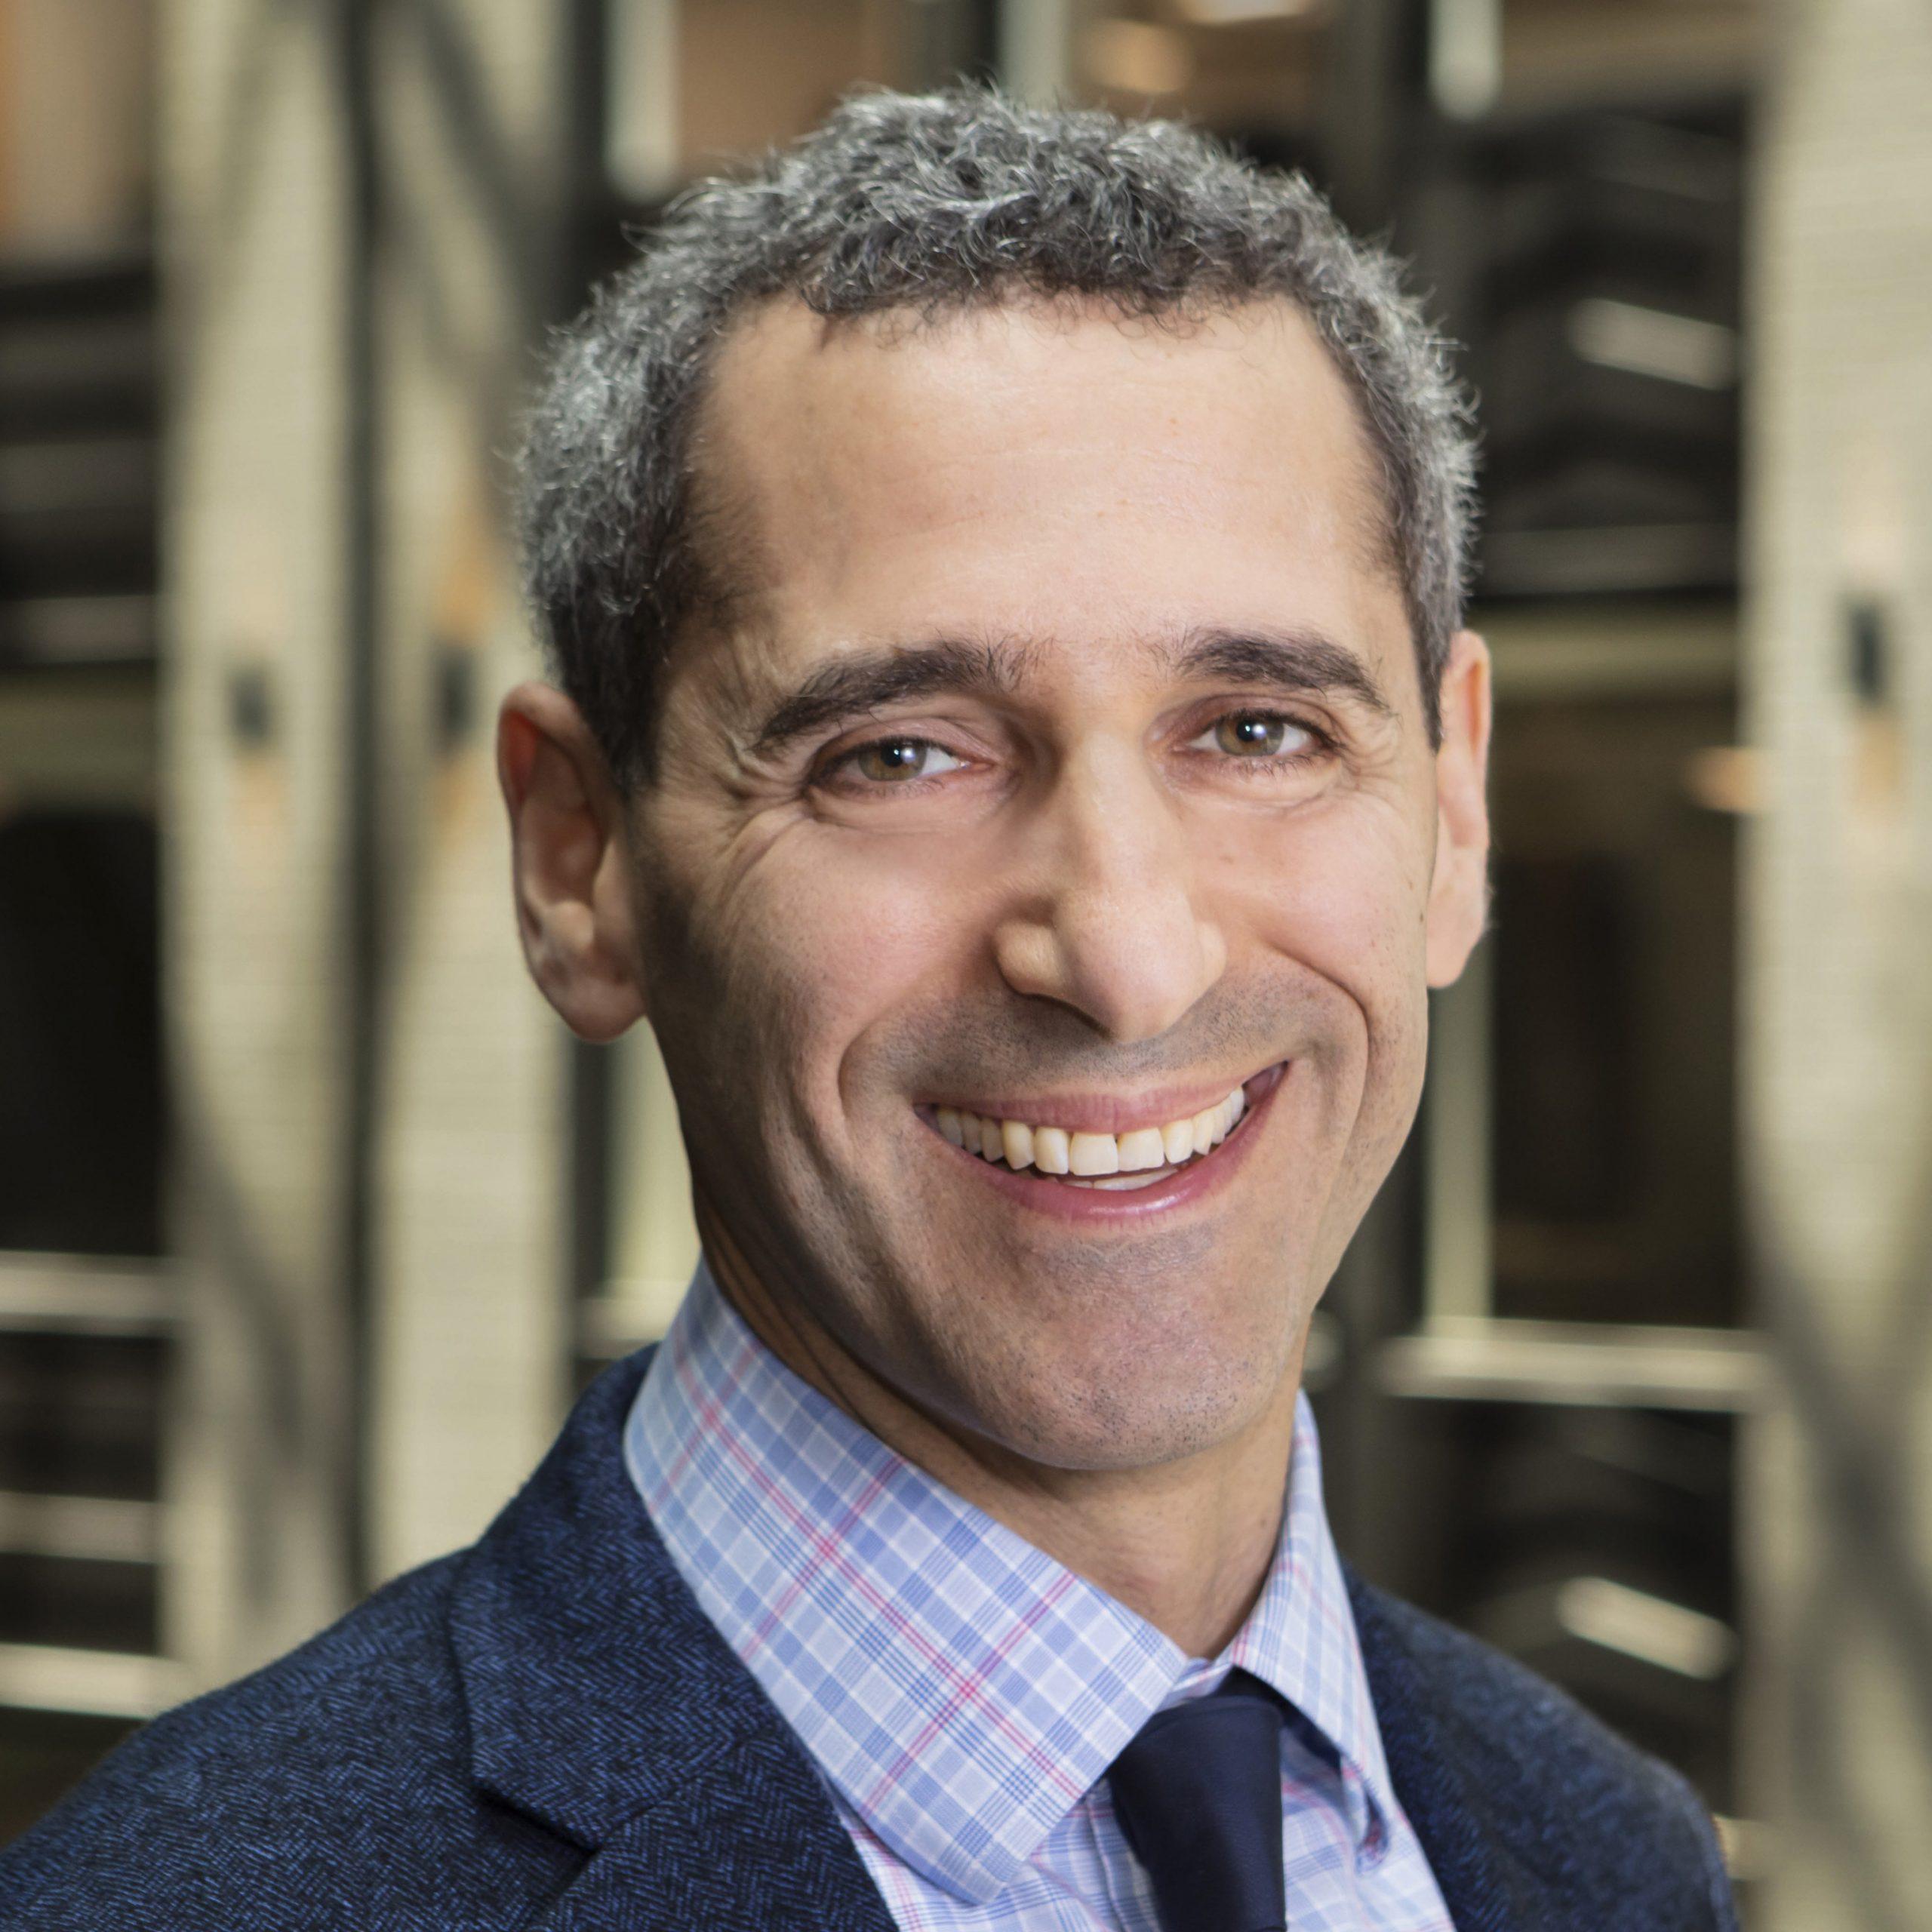 Douglas S. Krakower, MD